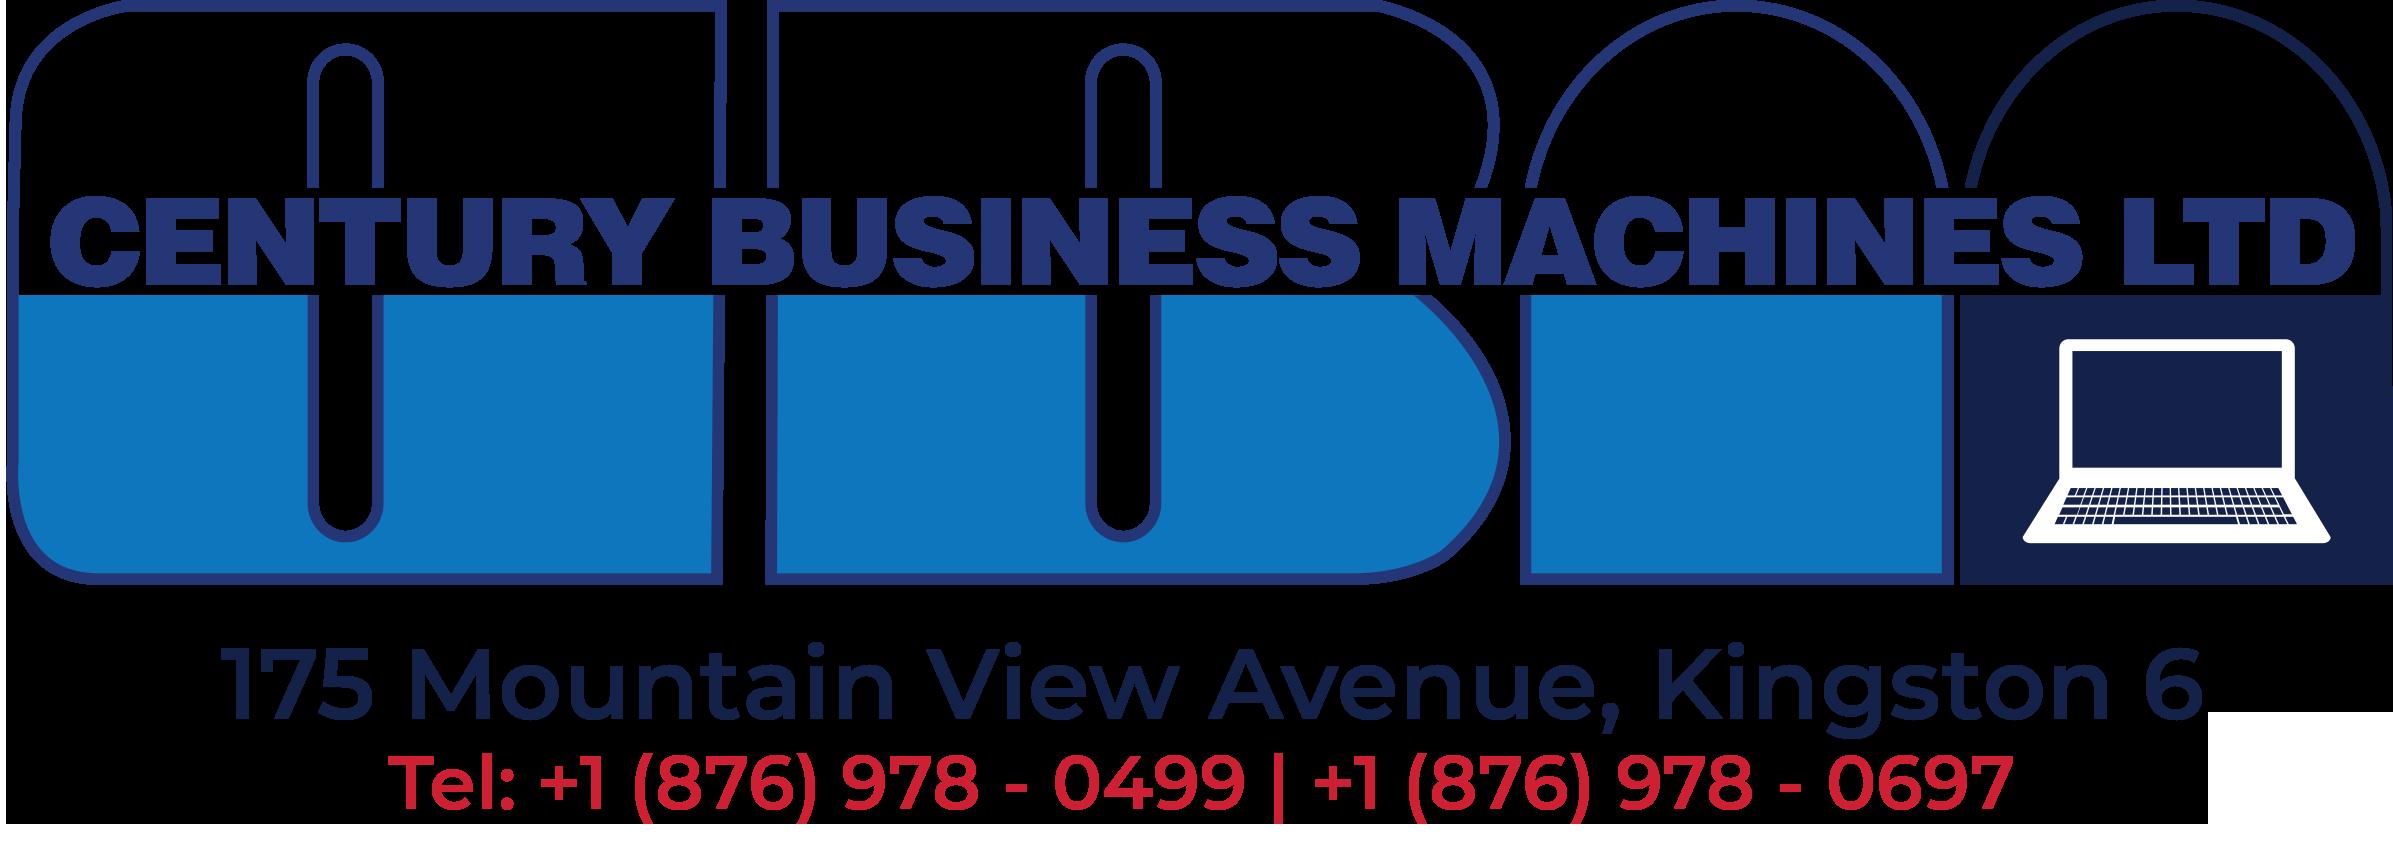 Century Business Machines